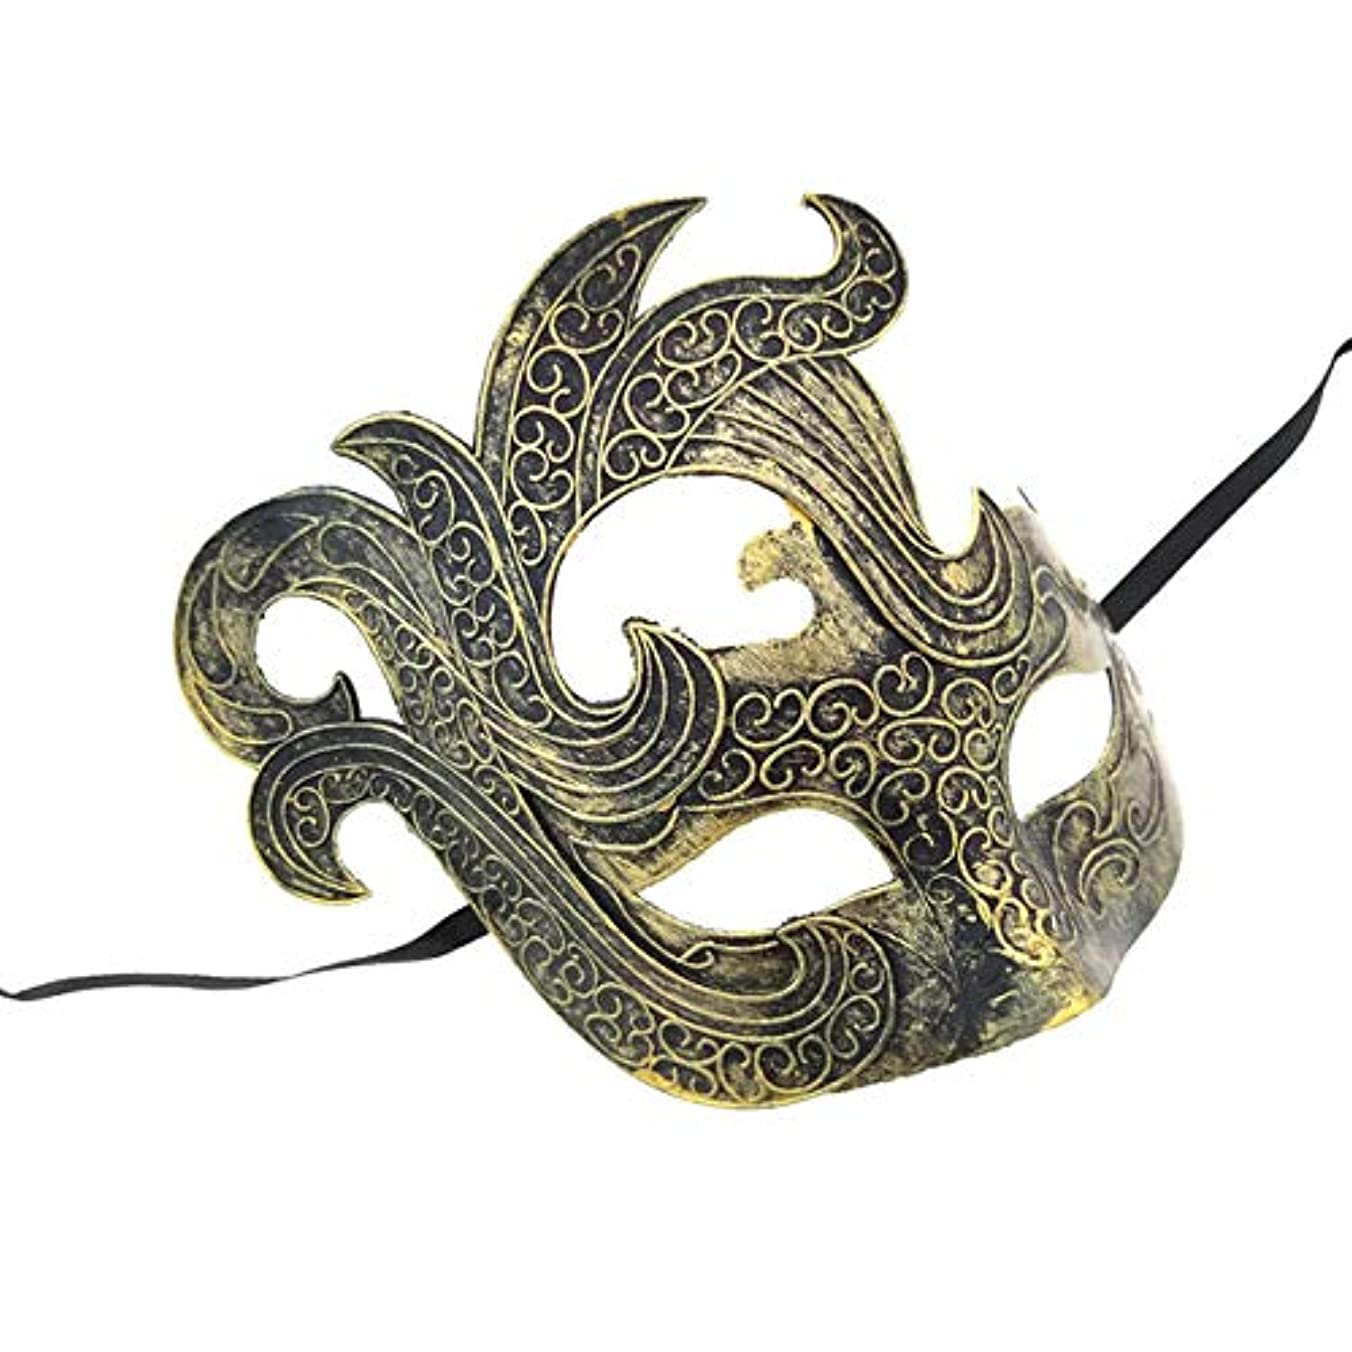 予報前投薬からかうレトロマスクプリンセスマスクカーニバル祭りパーティーレトロマスク